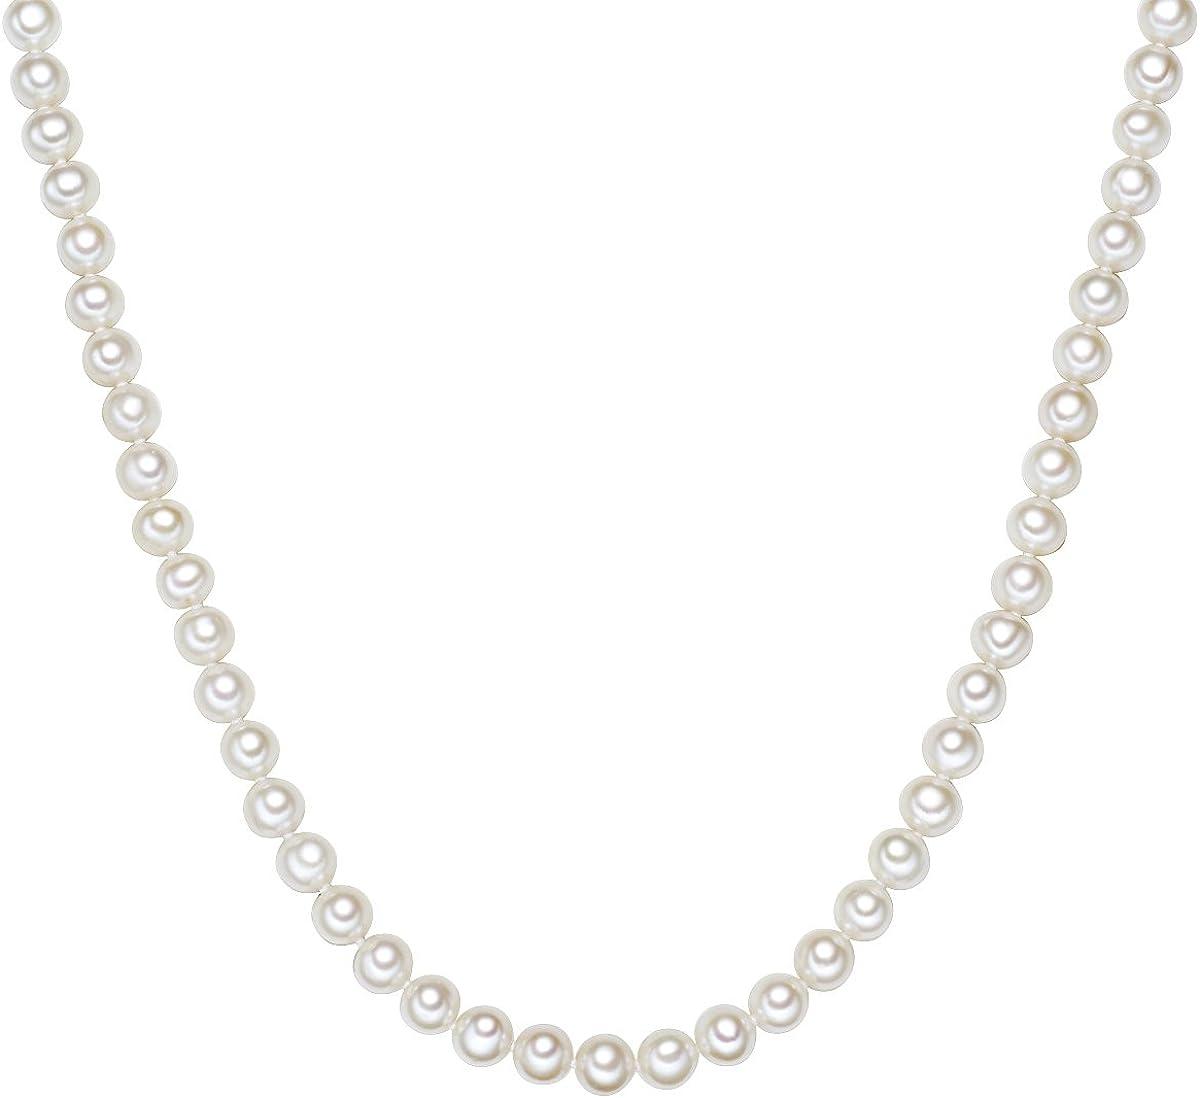 Valero Pearls Plata de ley 925 Perlas de agua dulce de cultivo Cadena de perlas